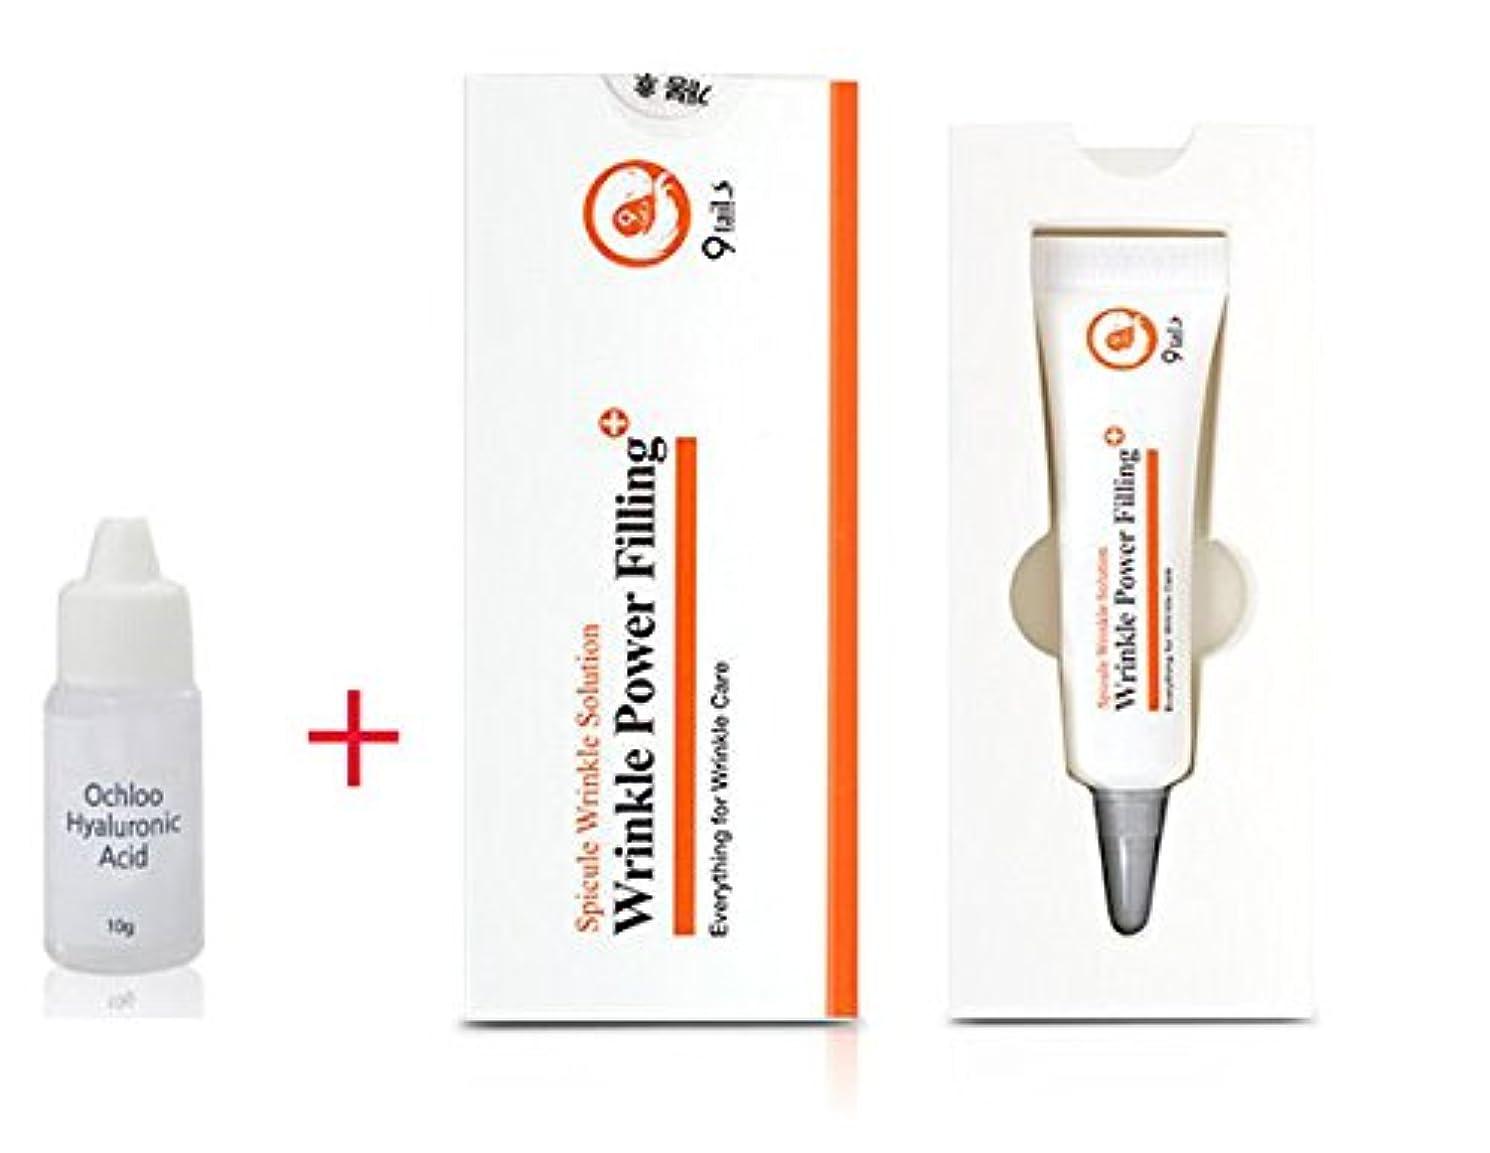 ファイナンス法律誇張する9 tails: Wrinkle Power Filling 5ml: Improve wrinkles Serum. リンクルパワーフィーリング シワ改善?セラム + Ochloo hyaluronic acid 10ml